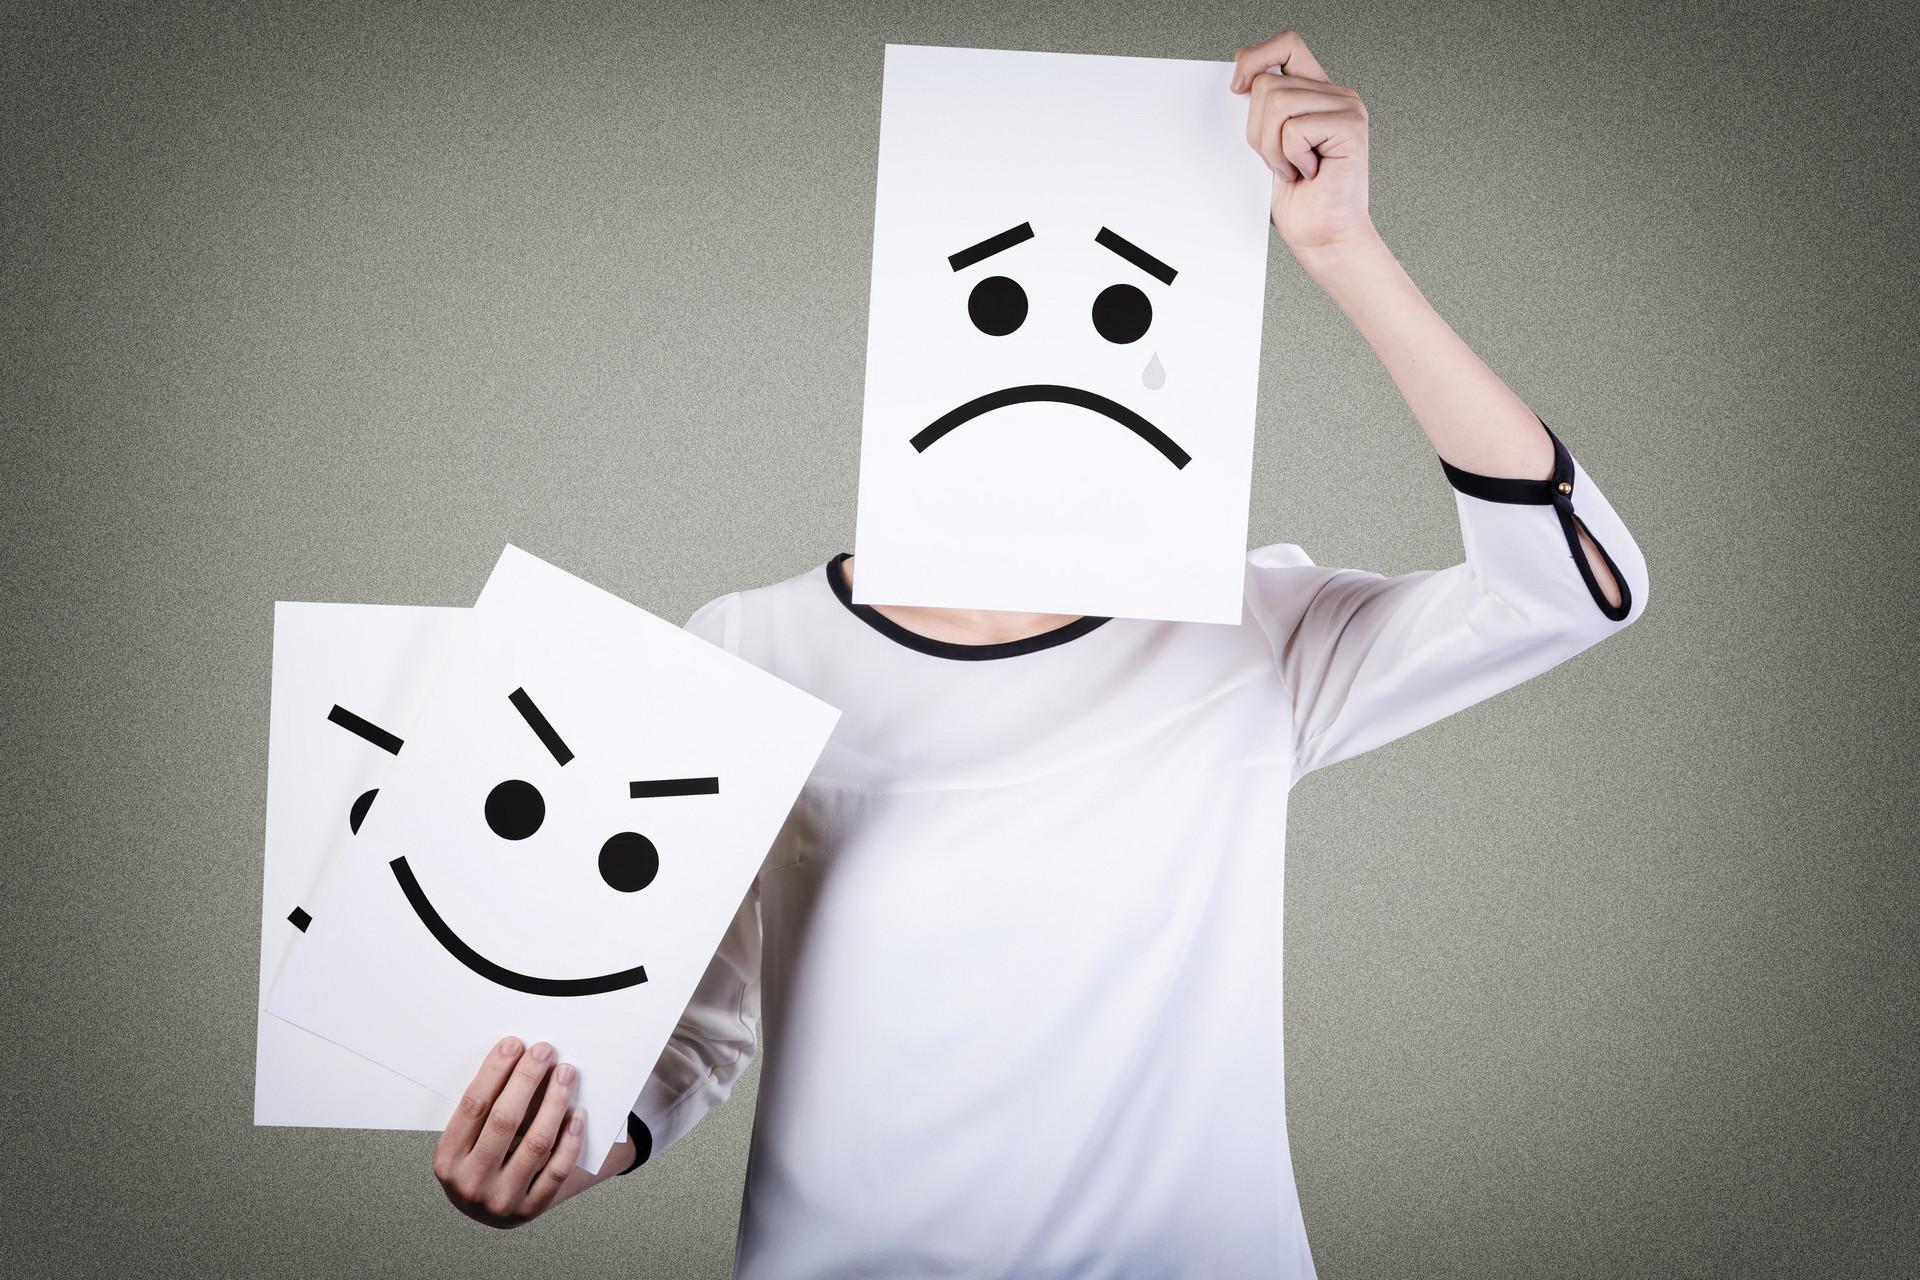 饮食失调症不是简单的不好好吃饭,而是精神疾病?(上)   每日涨营养姿势1063_厌食症